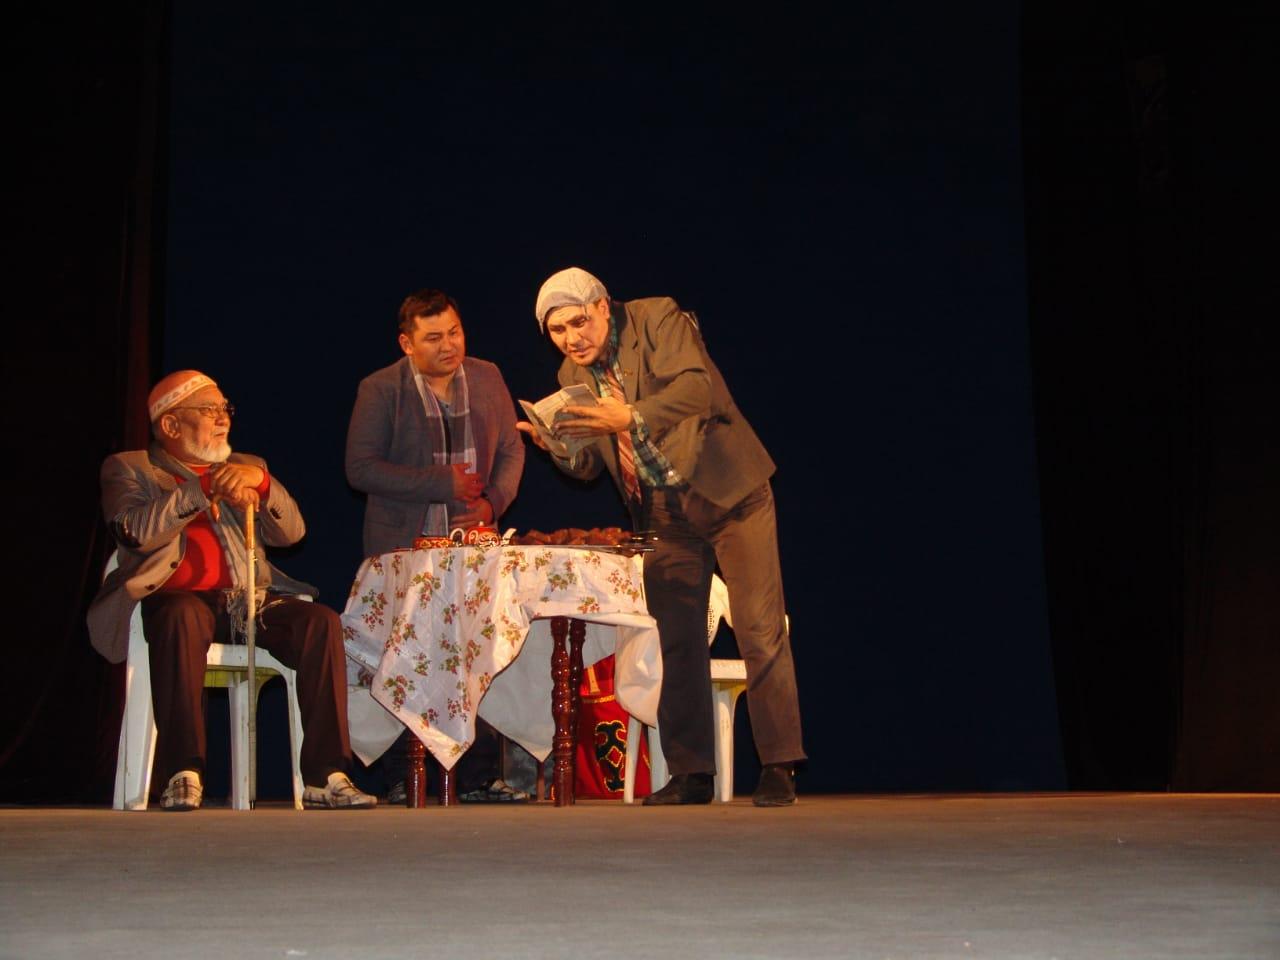 Қостанай театры Түркістанда «Мұңмен алысқан адам» драмасын сахналады